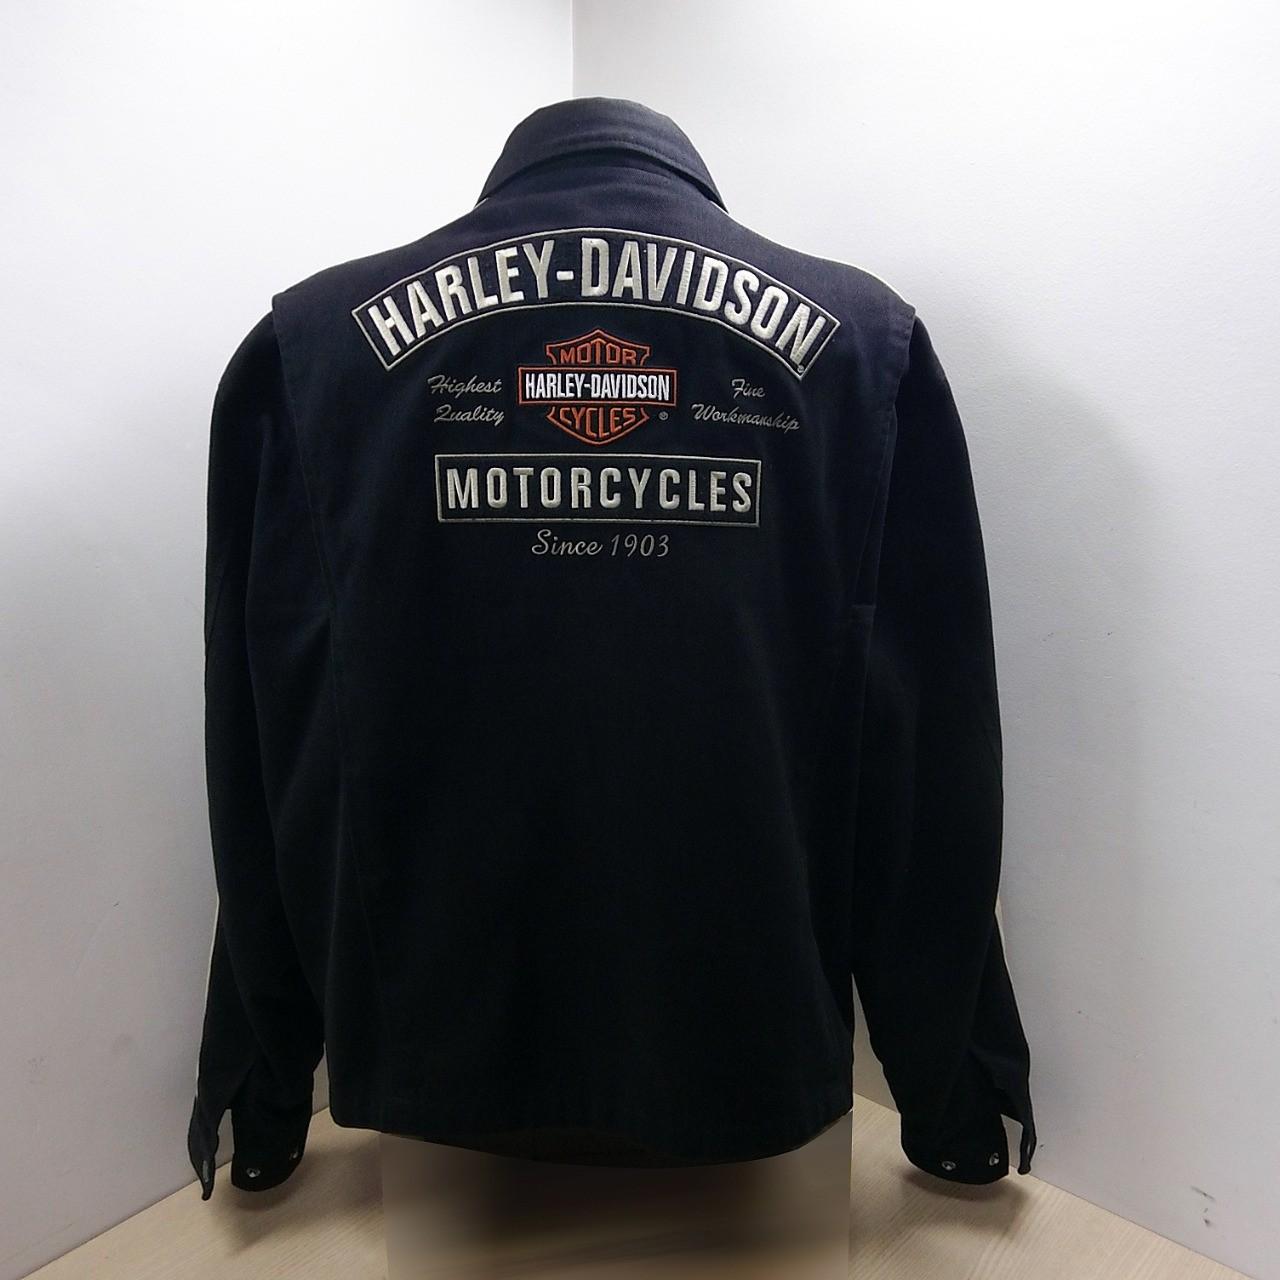 Jaqueta Masculina em Algodão - Harley-Davidson - Preta - 035/69902